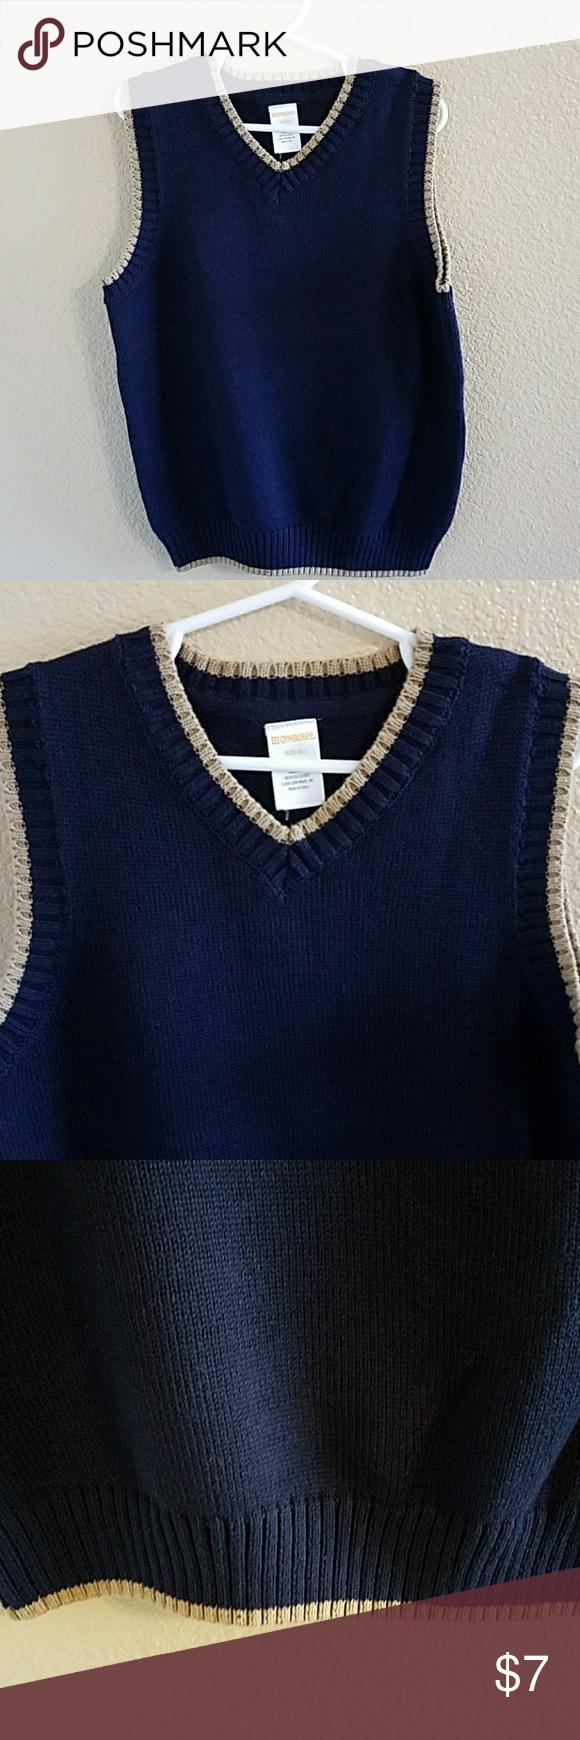 Gymboree NWT Navy Blue & Khaki Sweater Vest sz S NWT | Boys ...